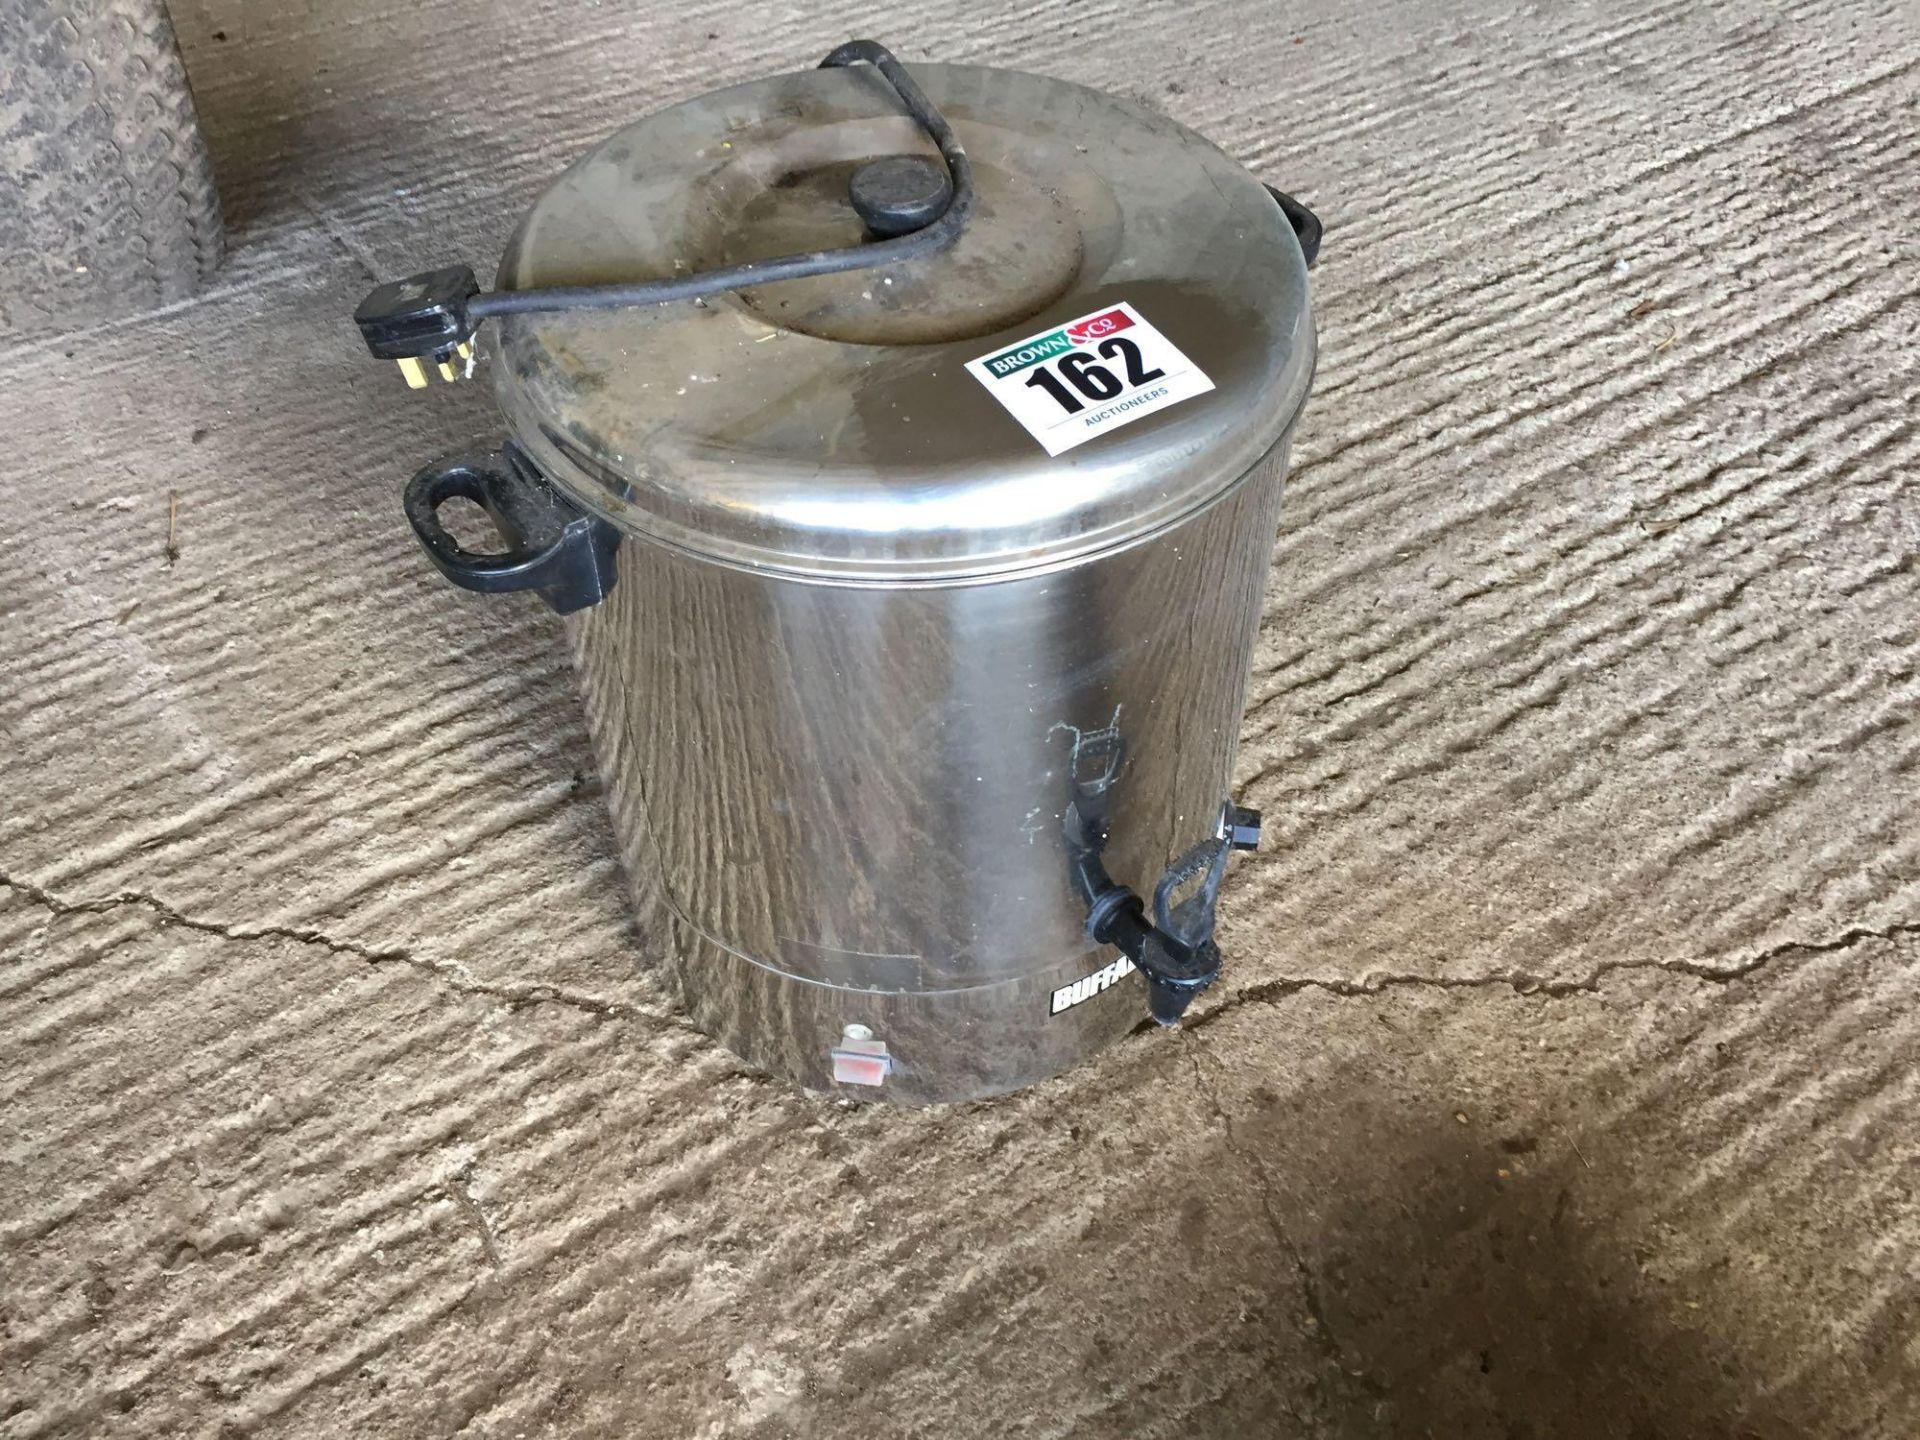 Lot 162 - Buffalo single phase water urn